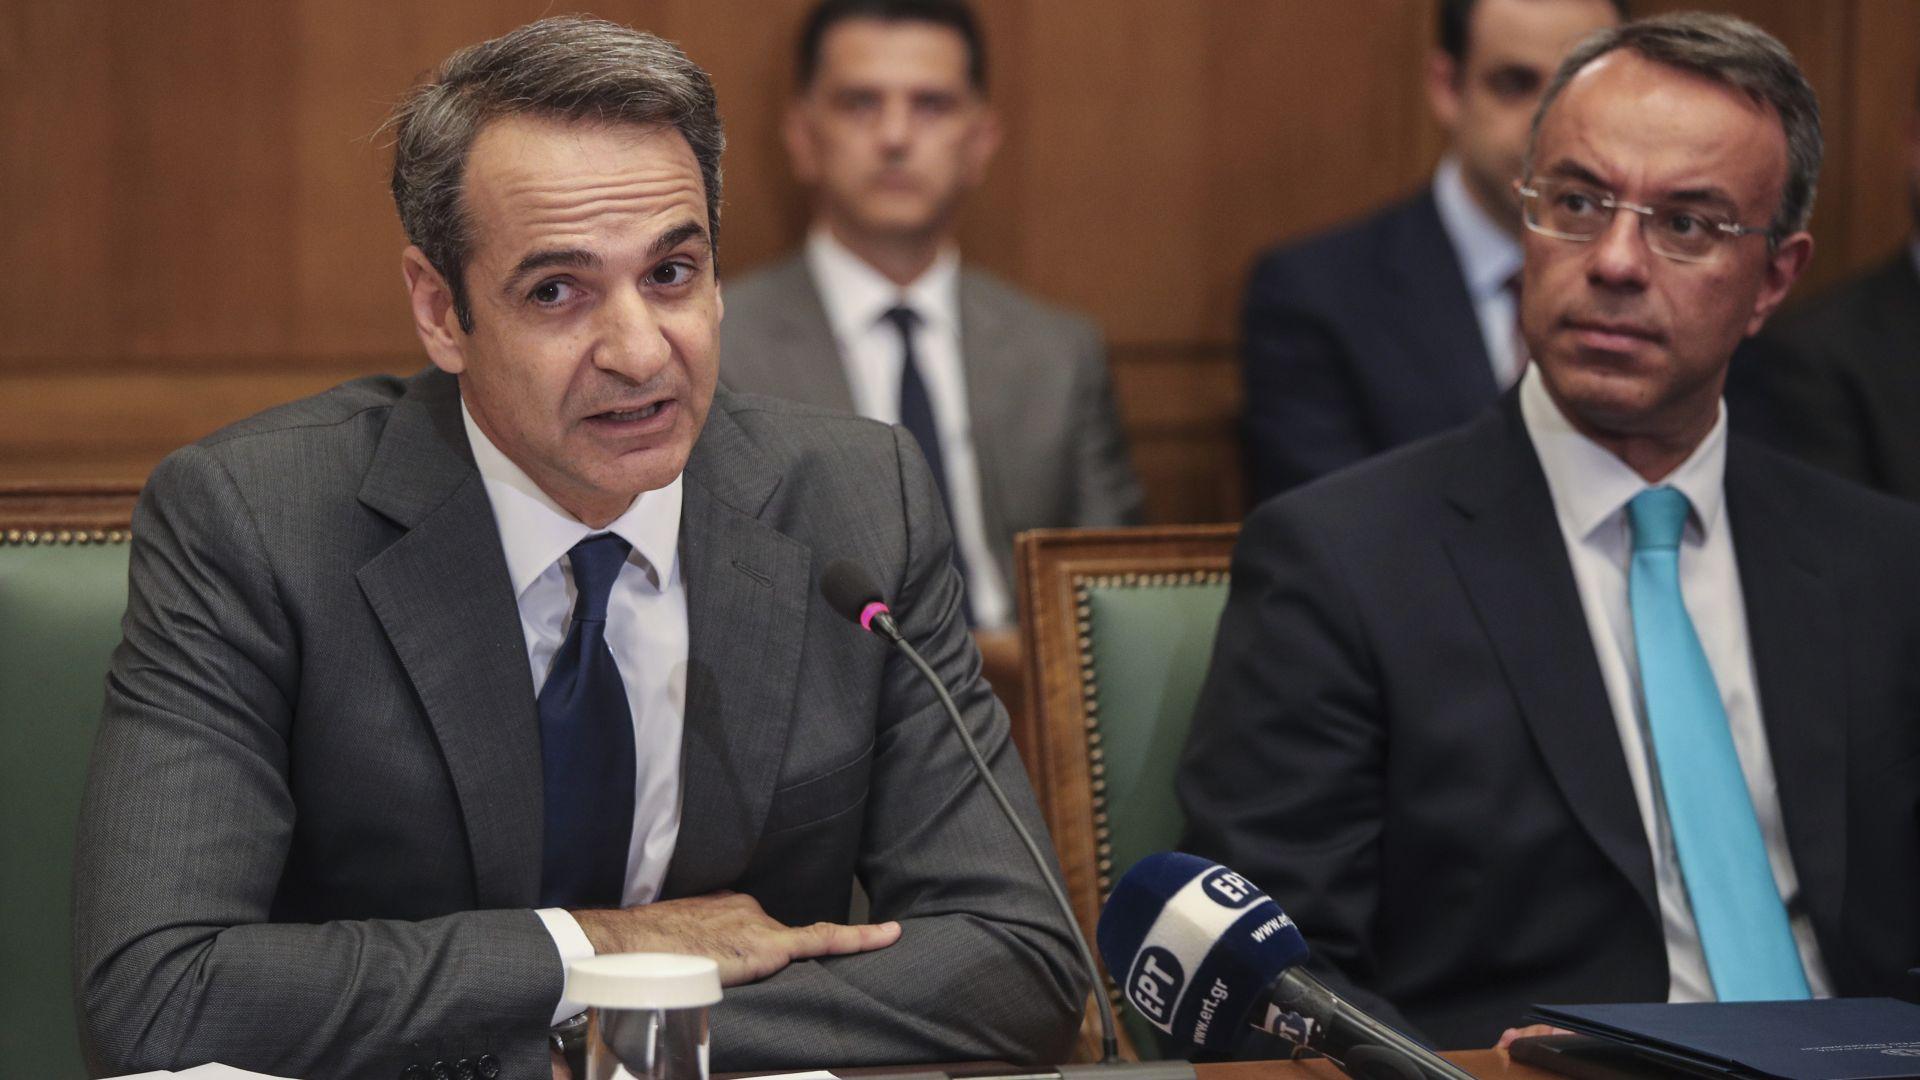 Гръцкият премиер Кириакос Мицотакис призова Германия и другите държави от